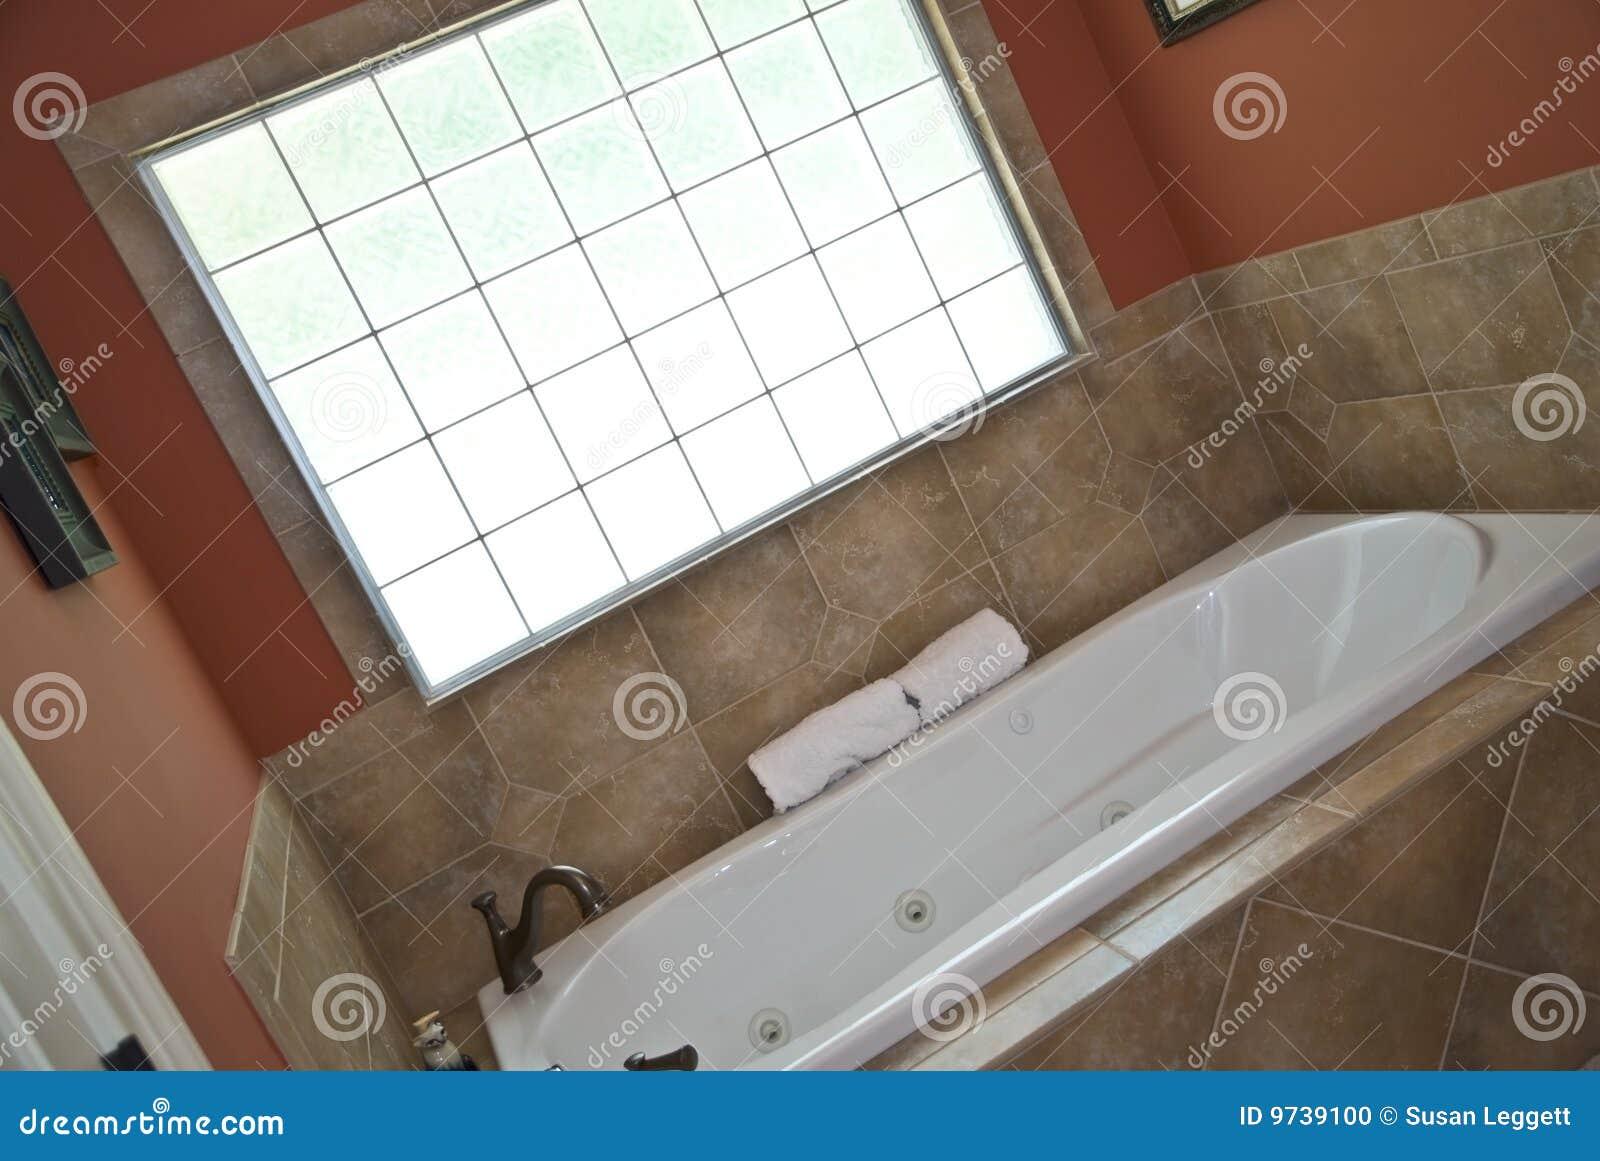 Moderner Bad-/Wanne-Bereich Stockfoto - Bild von auslegung ...